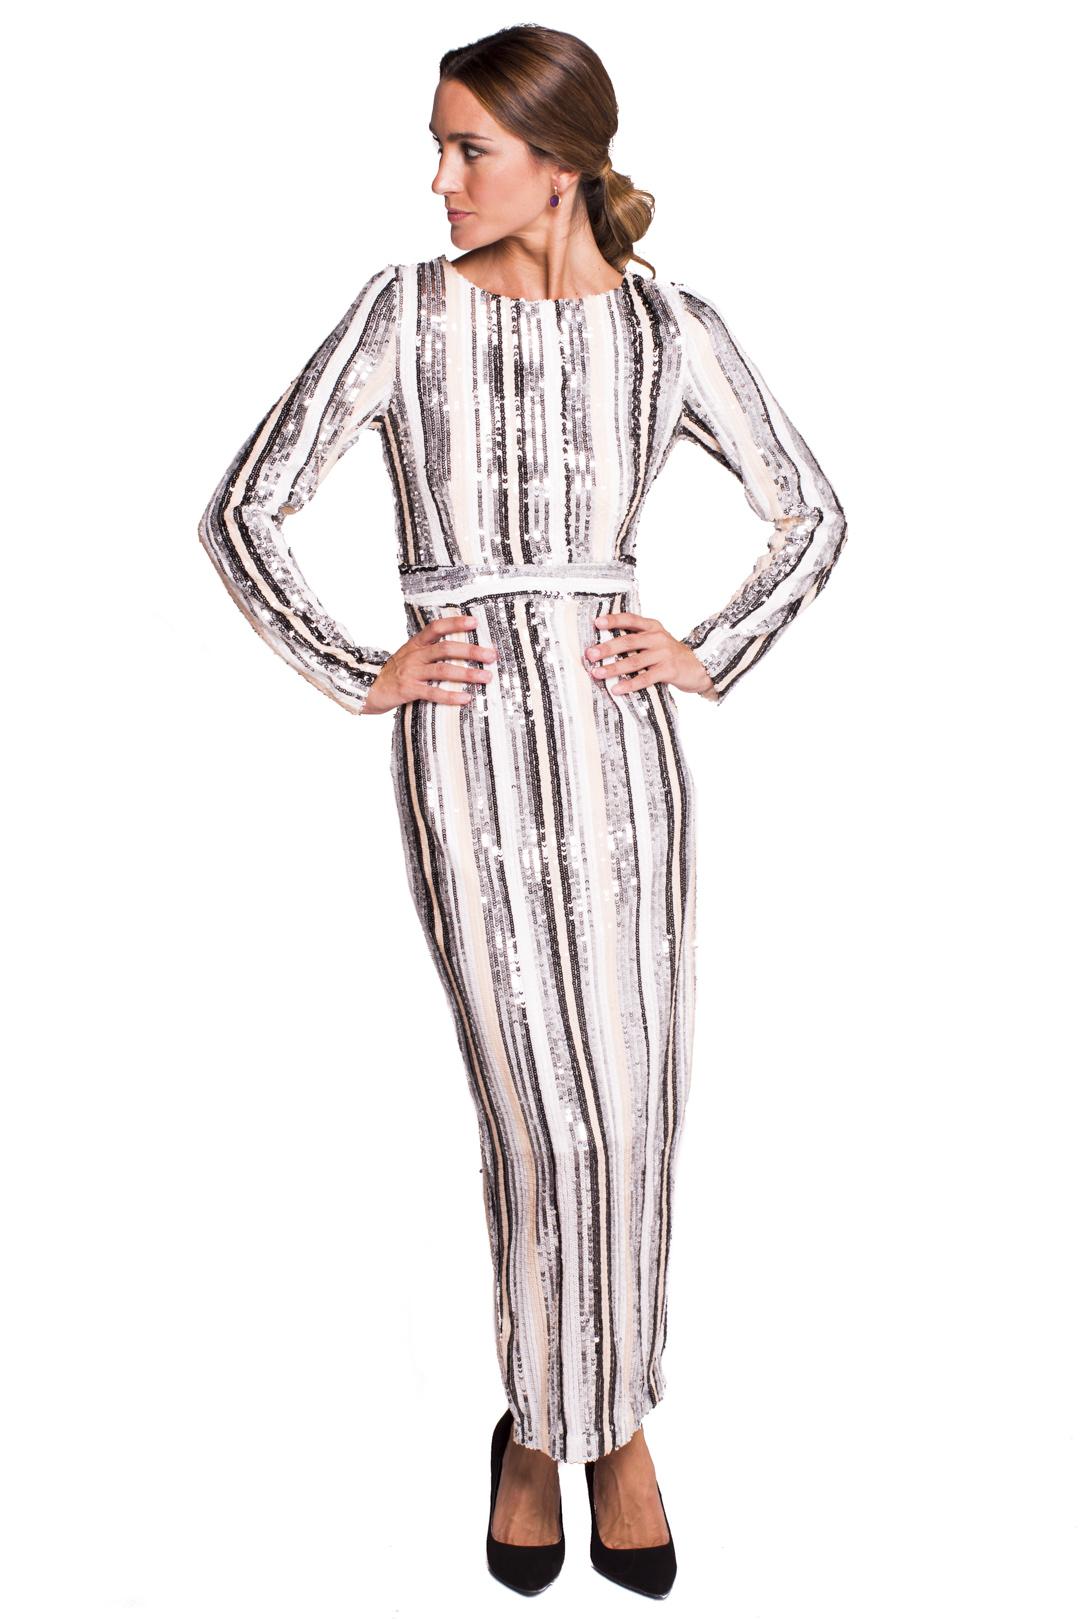 back - Vestido Sequins Striped